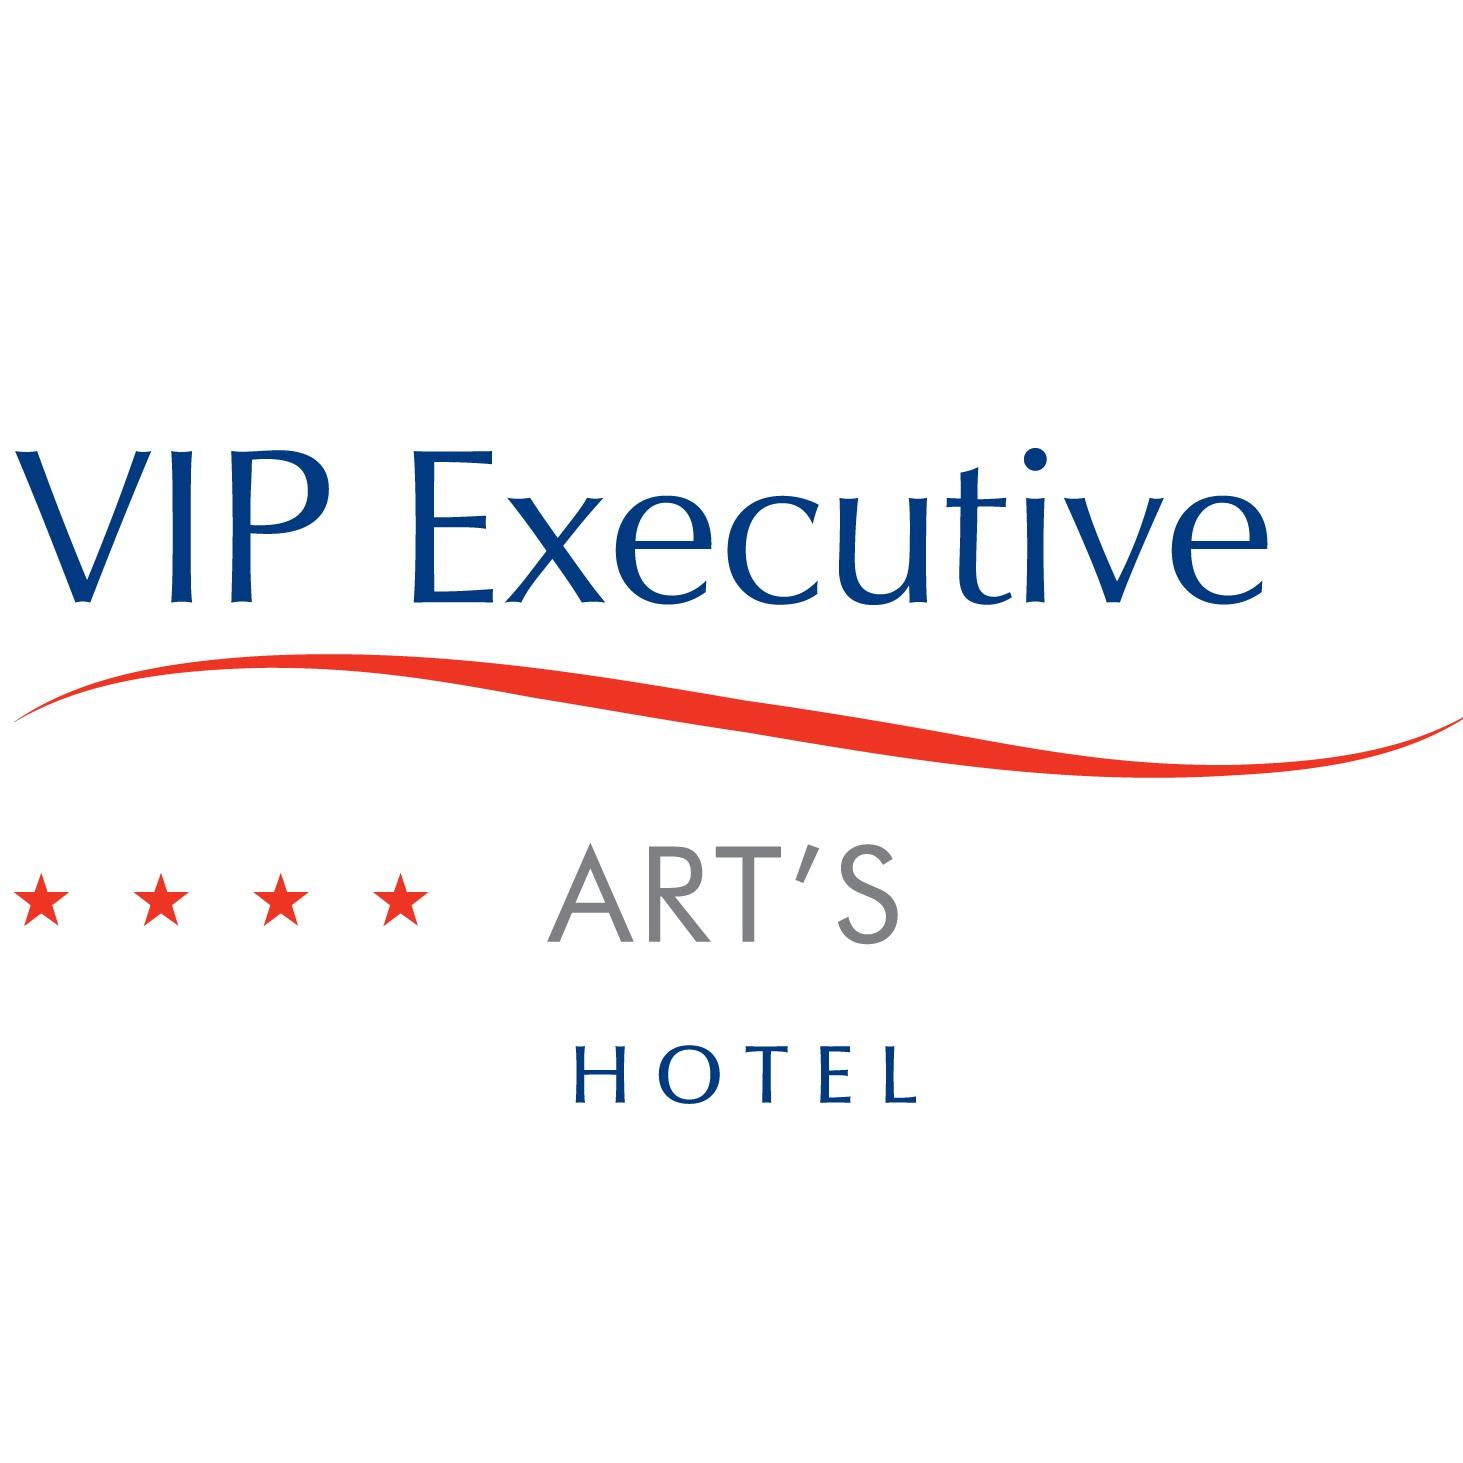 VIPExecutive-Arts.jpg